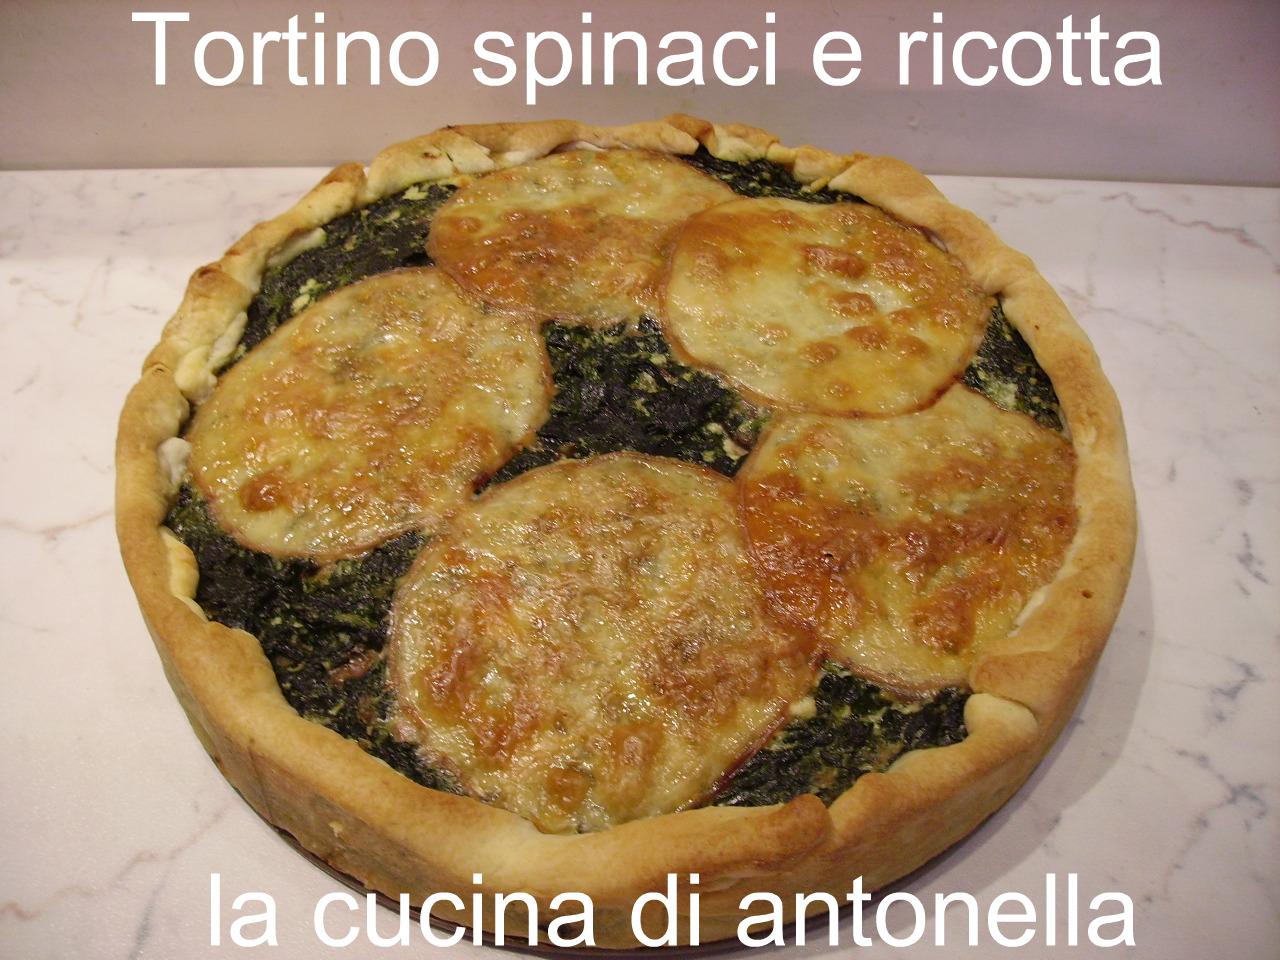 La cucina di antonella tortino di spinaci e ricotta - La cucina di sara torte ...